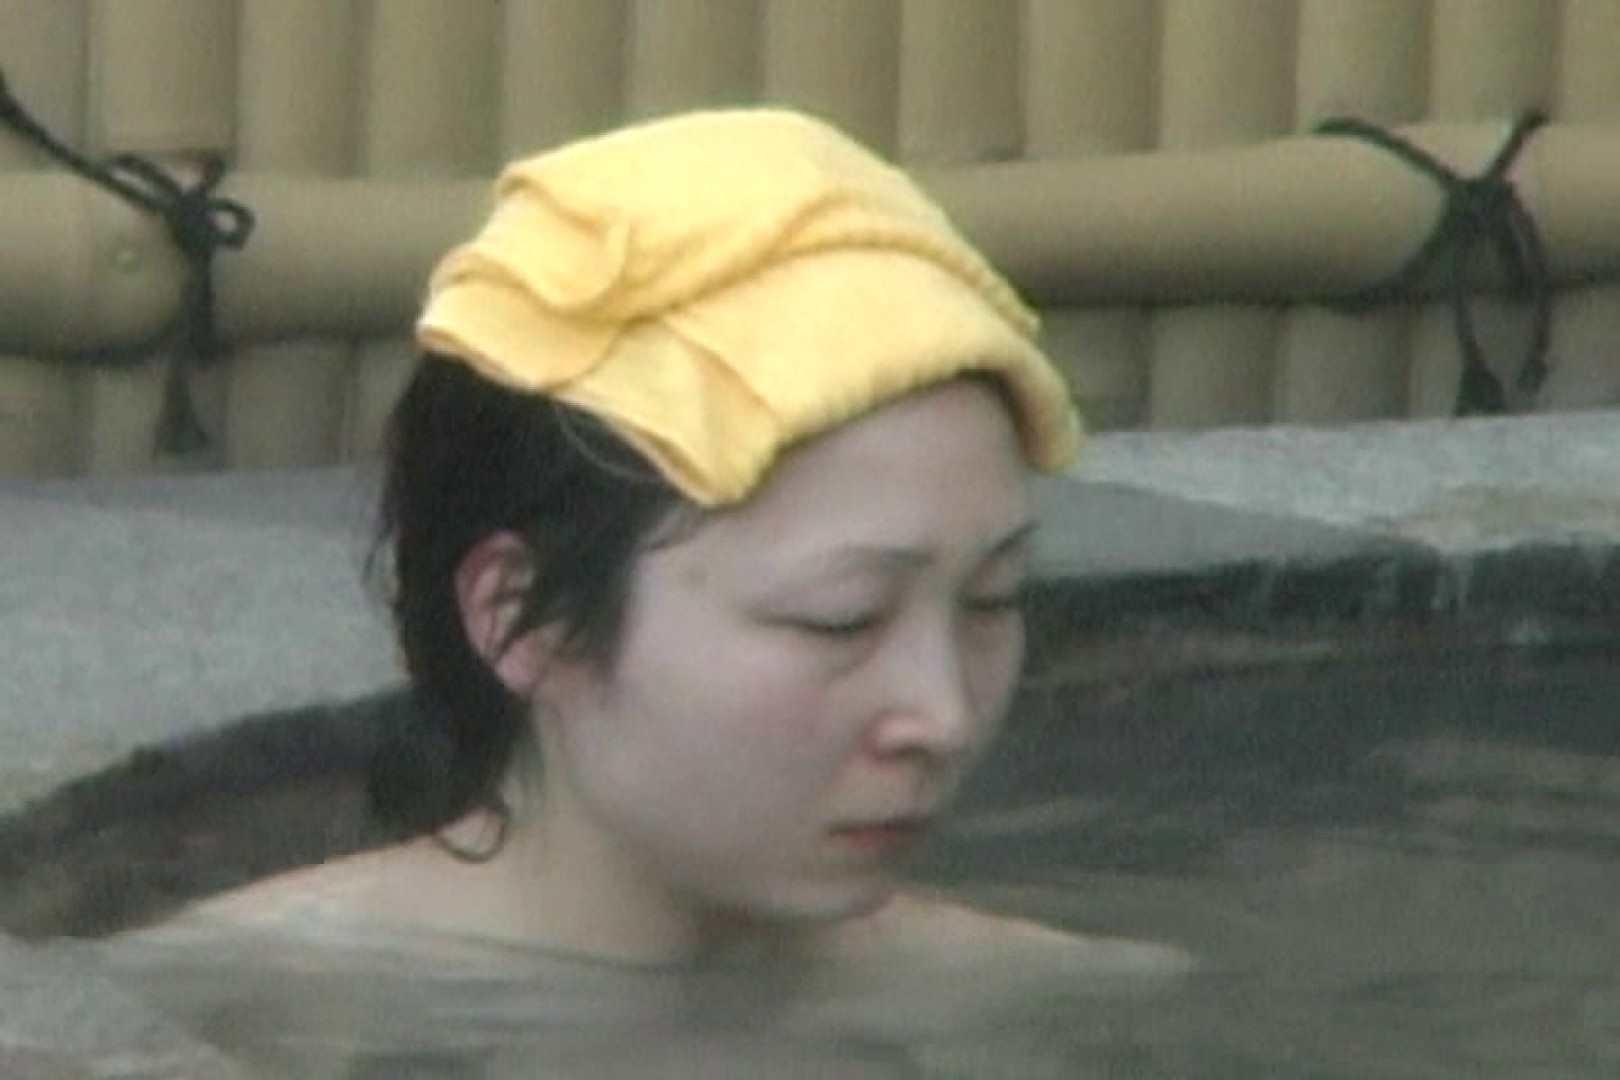 Aquaな露天風呂Vol.596 盗撮シリーズ  113PIX 50